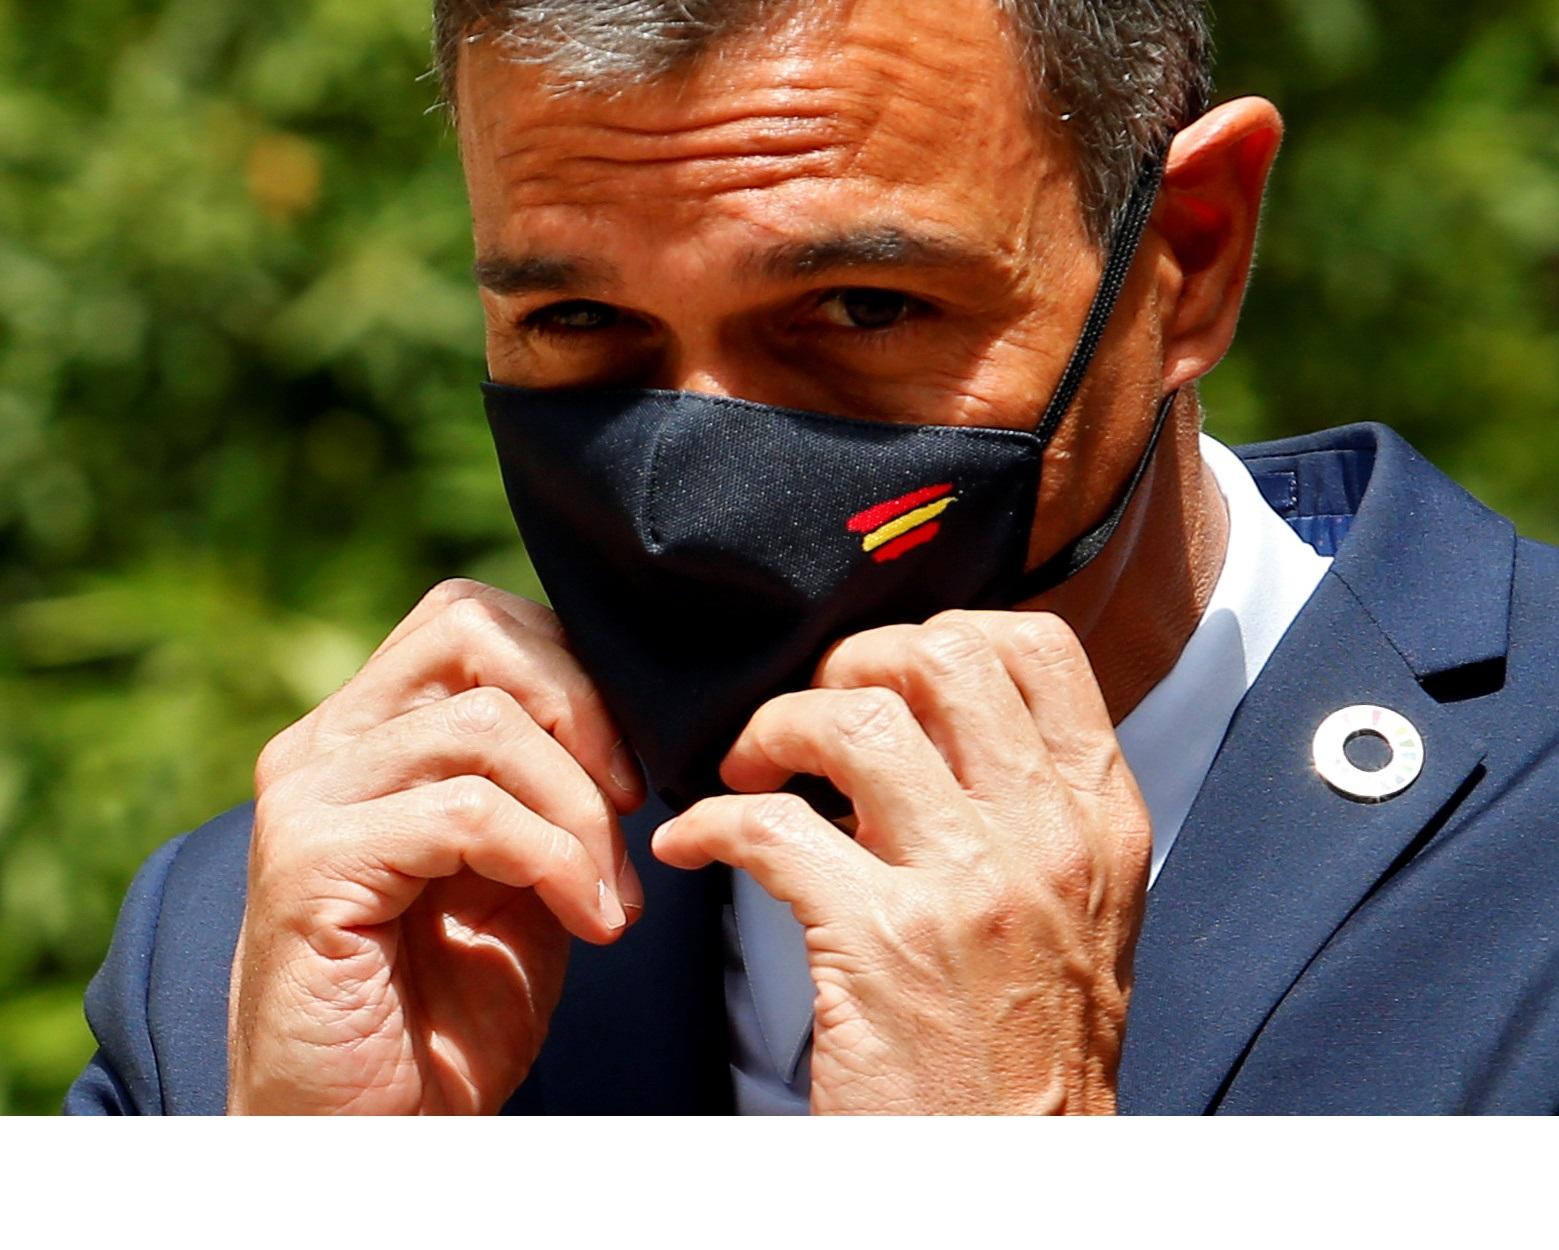 Πέδρο Σάντσεθ: Σε… αναμμένα κάρβουνα για την έκρηξη κρουσμάτων κορονοϊού